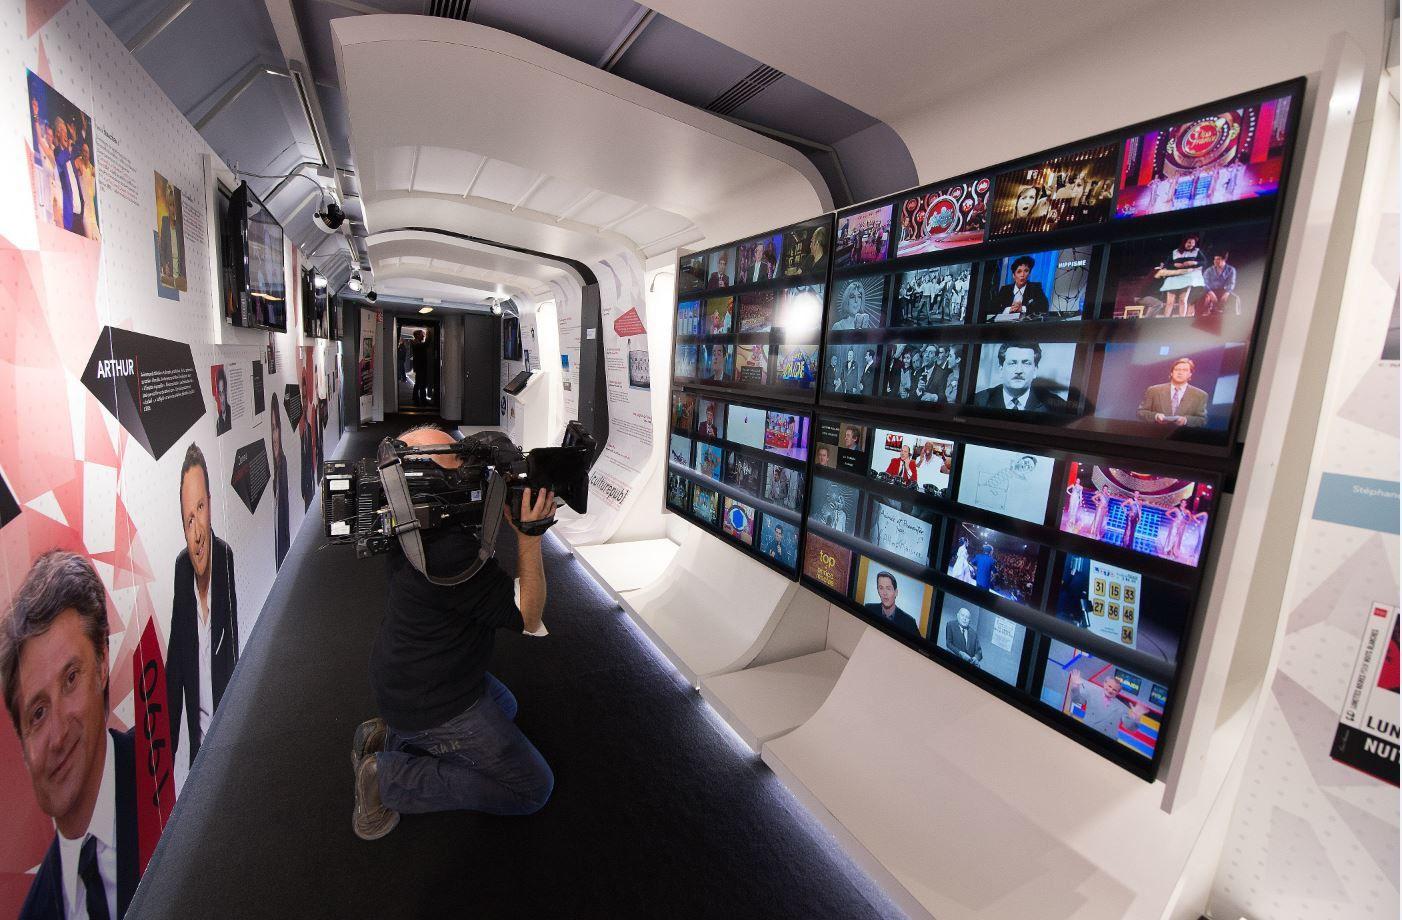 Exposition Train de la Télé : découvrez l'intérieur des wagons.